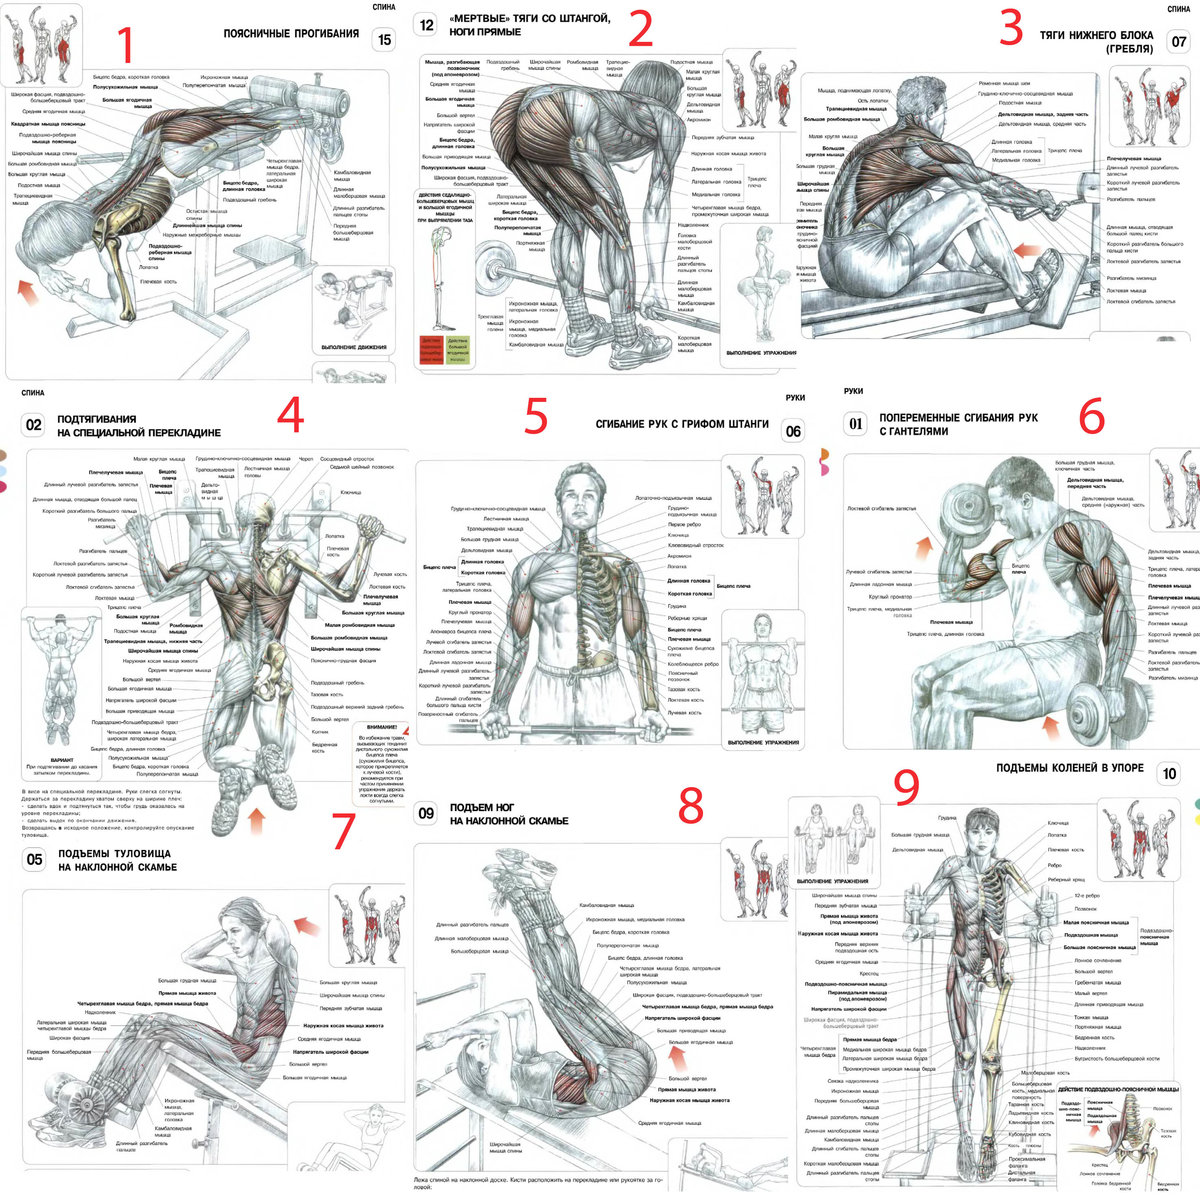 Упражнения для начинающих в спортзале с картинками